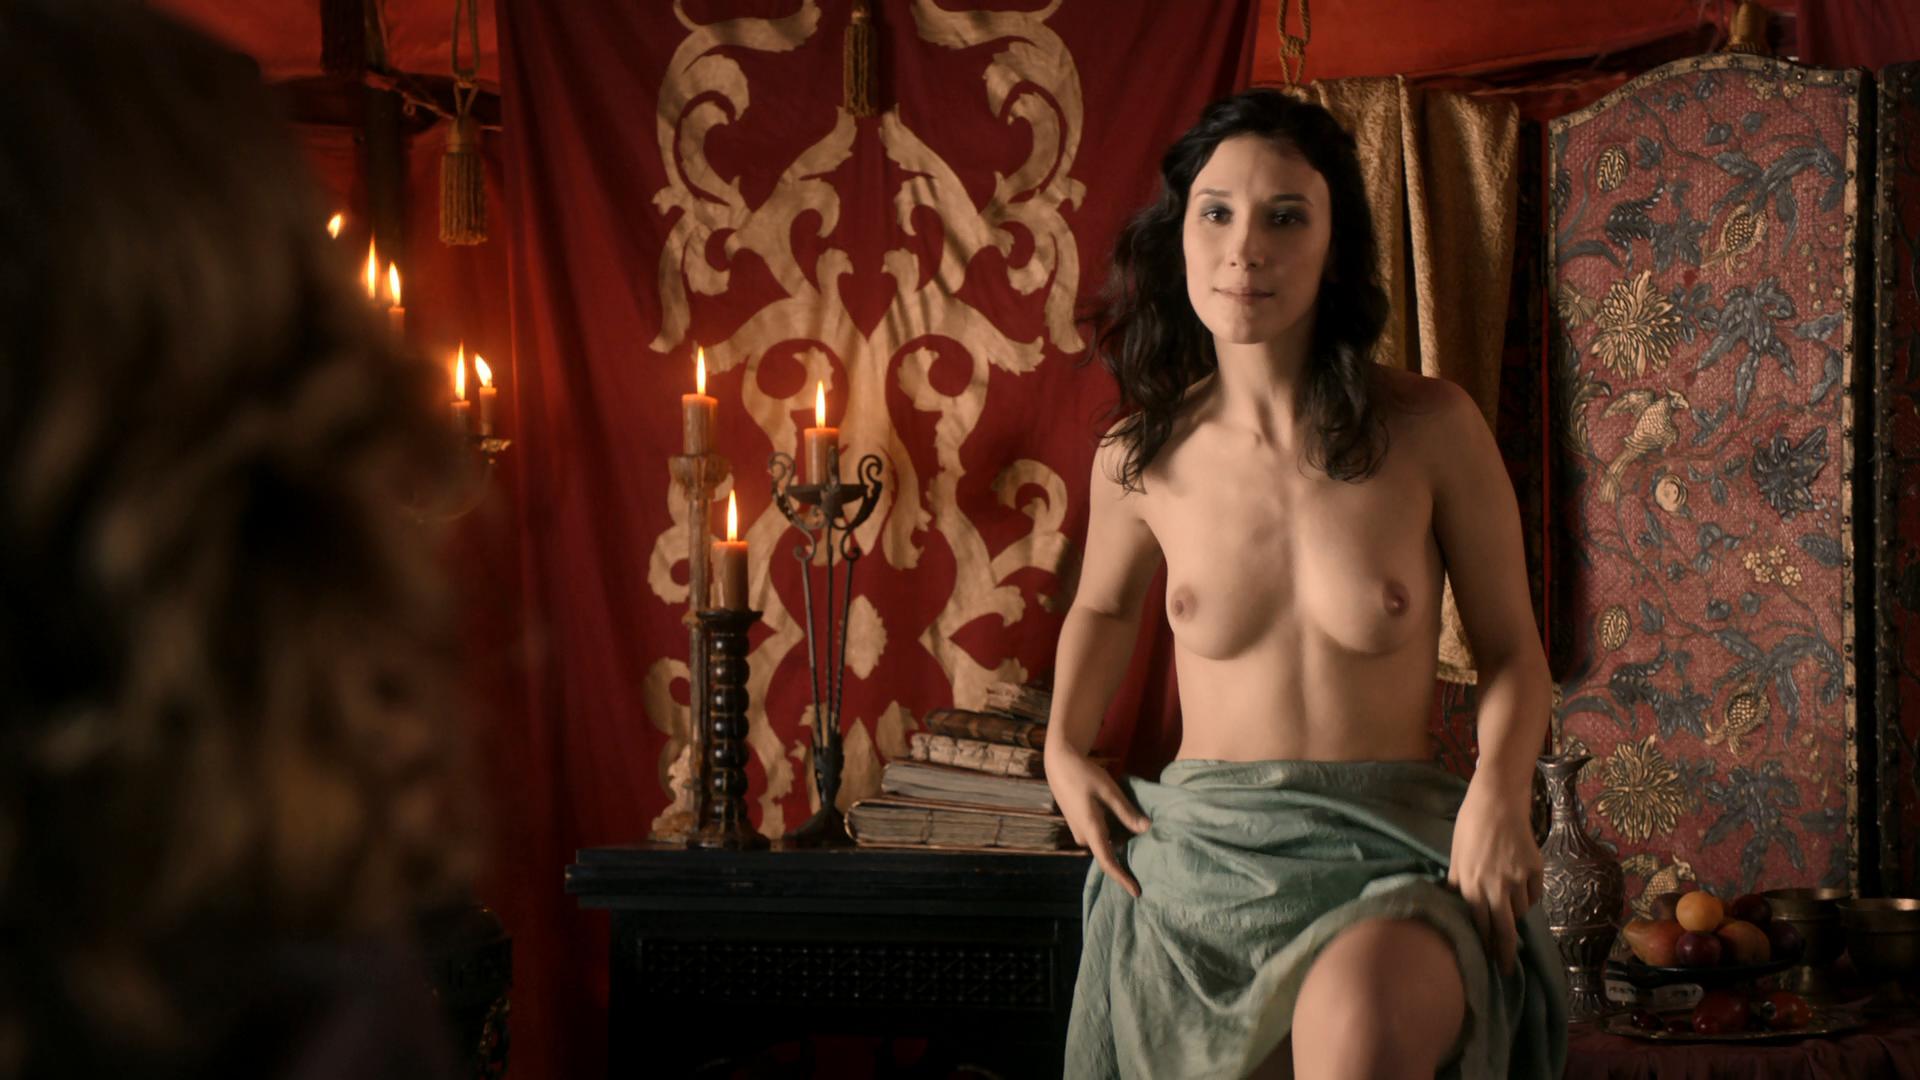 тоже прижала какие актрисы играли голые доверчиво прильнула, мне